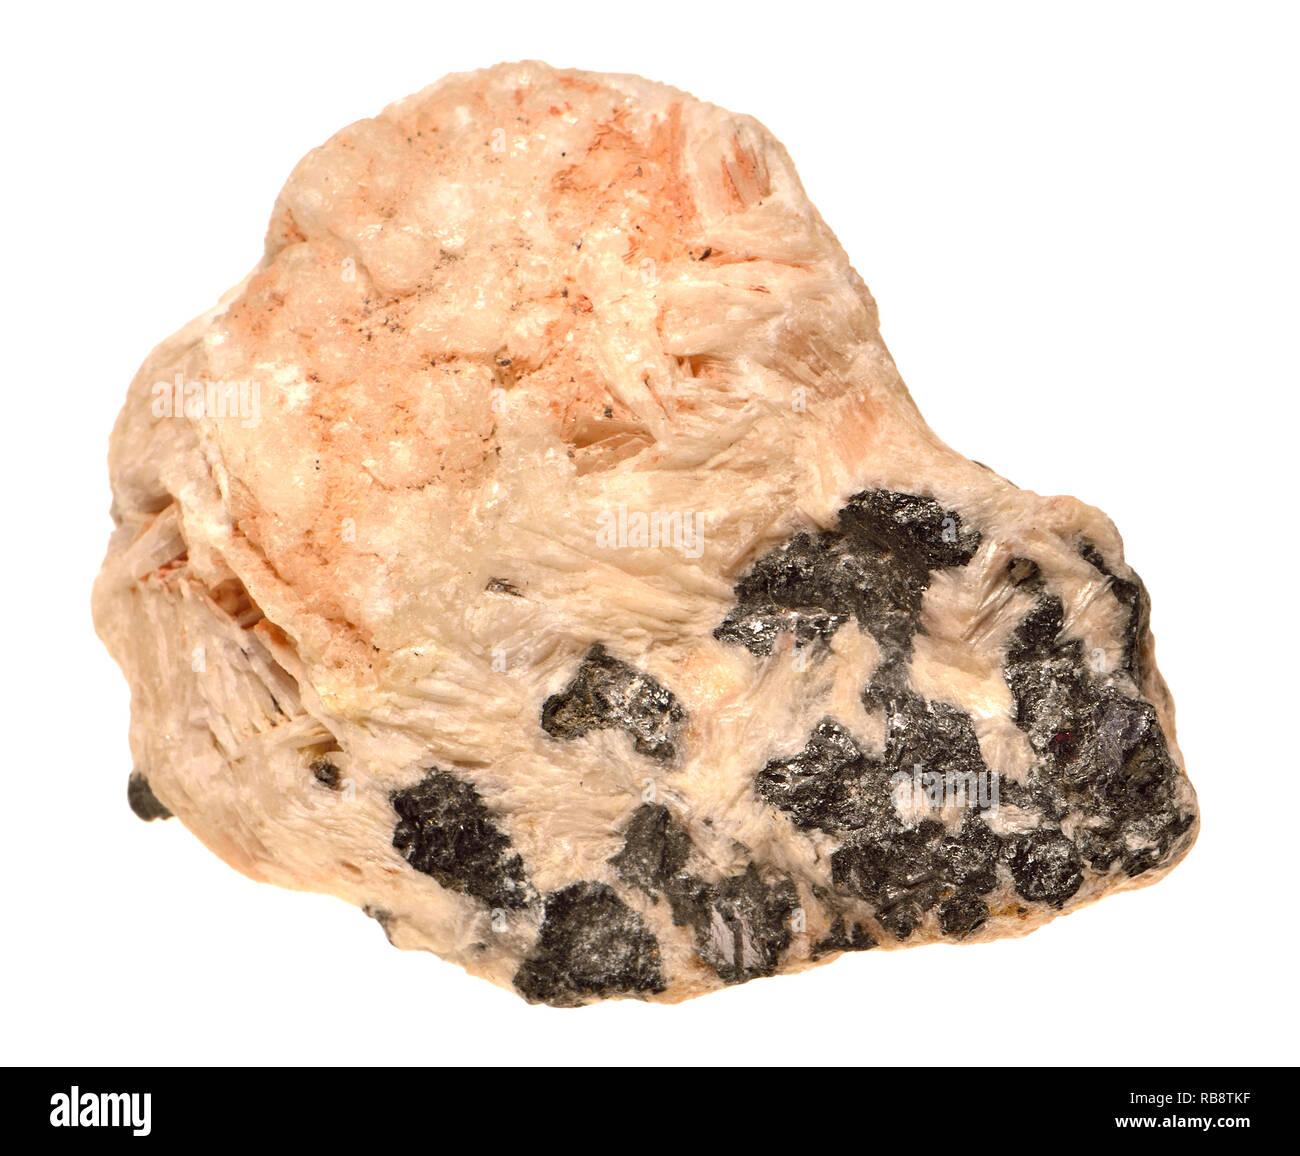 La Galena (solfuro di piombo) principali minerali di piombo Immagini Stock